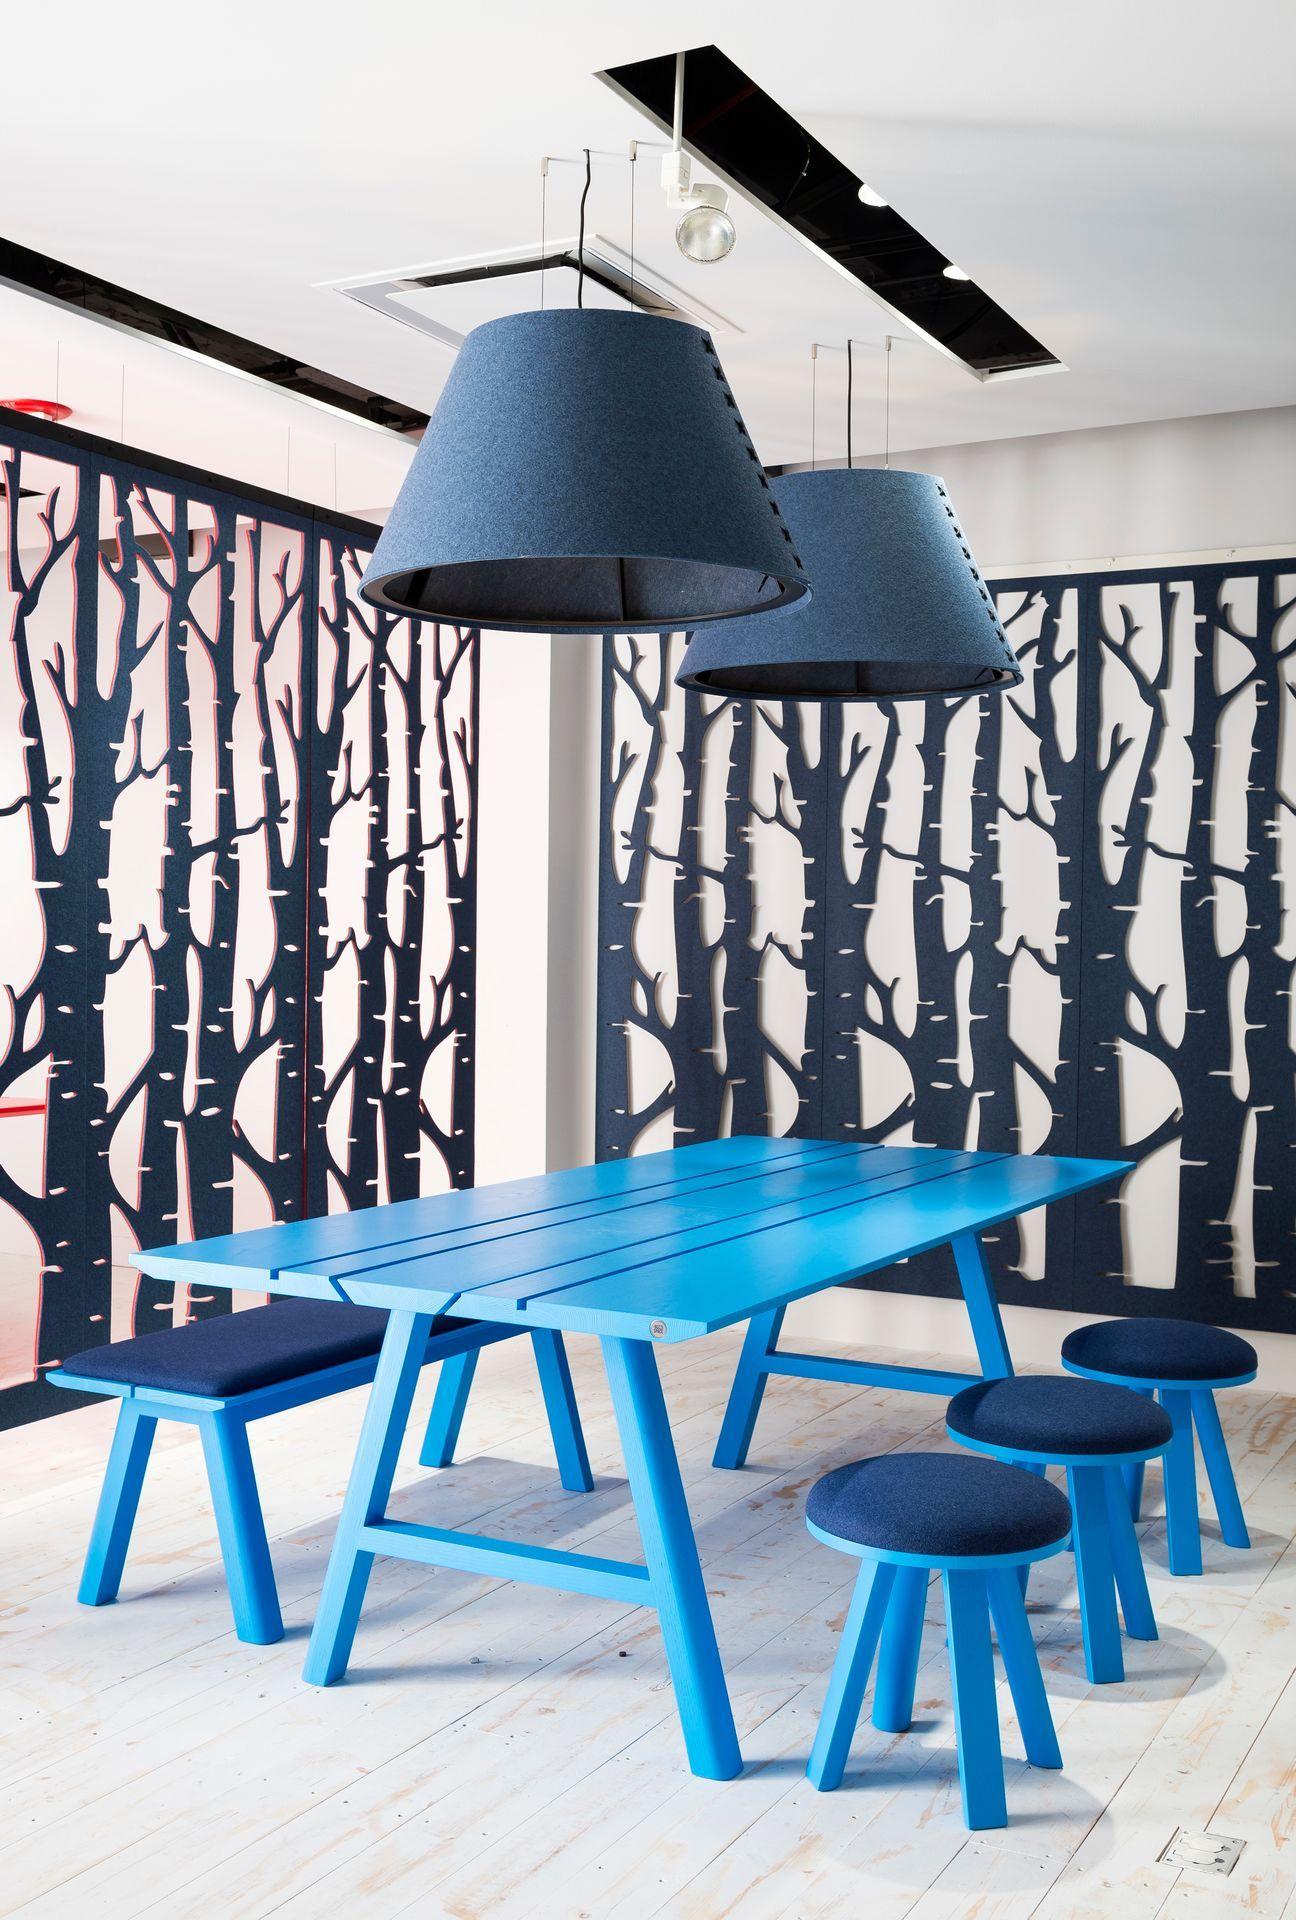 Pin Von Lutz Ungermann Auf Interior Design In 2018 Pinterest